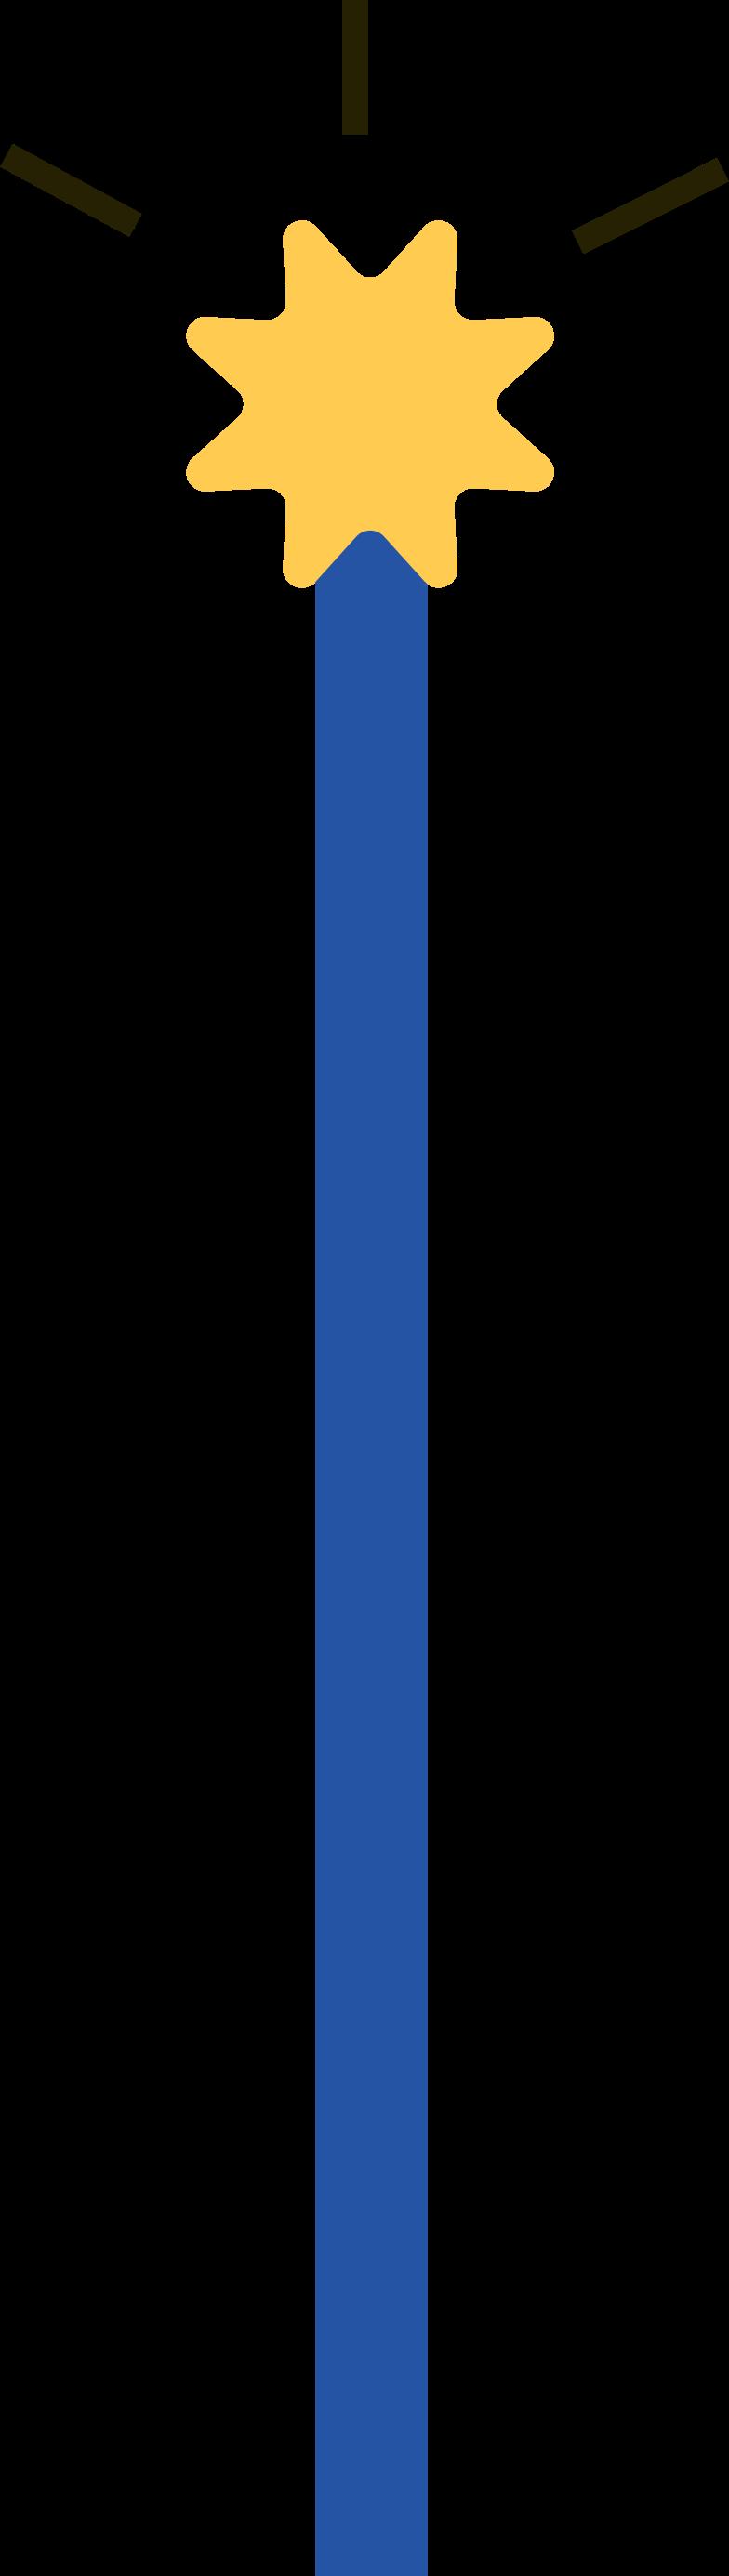 Клипарт Волшебный посох в PNG и SVG